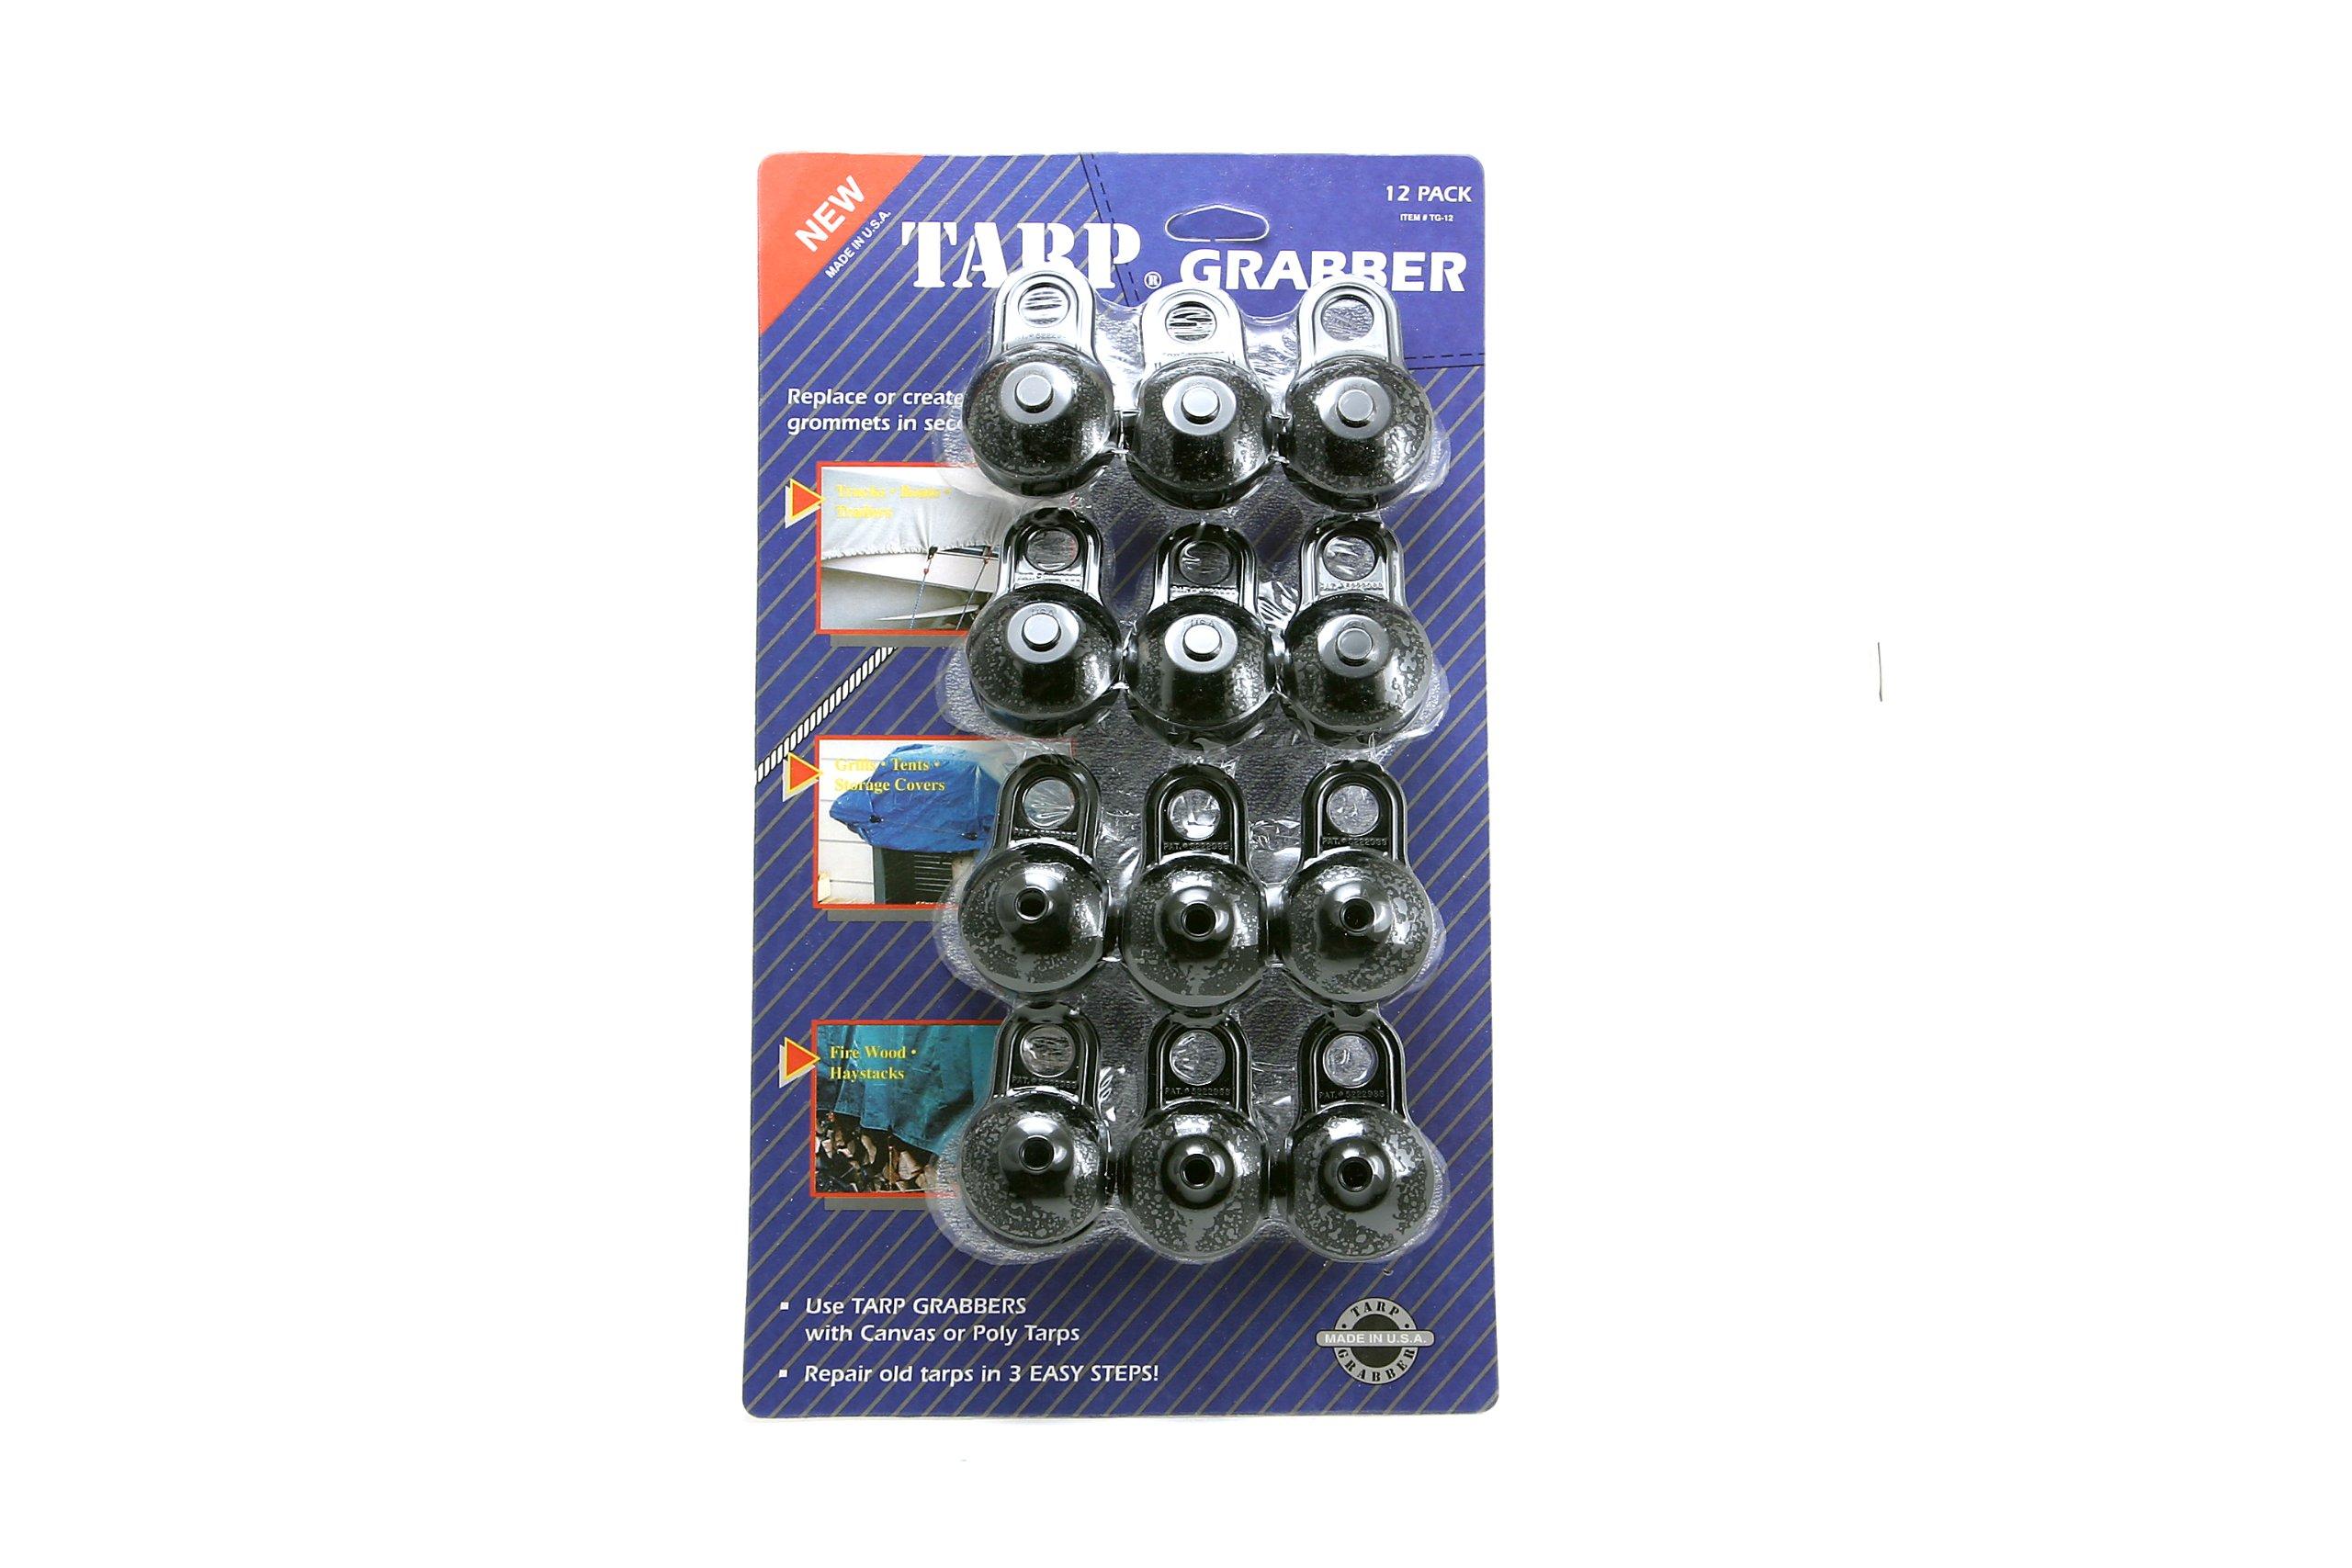 Tarp Grabbers TG-12 Tarp Grabbers, 12-Pack by Tarp Grabbers (Image #3)